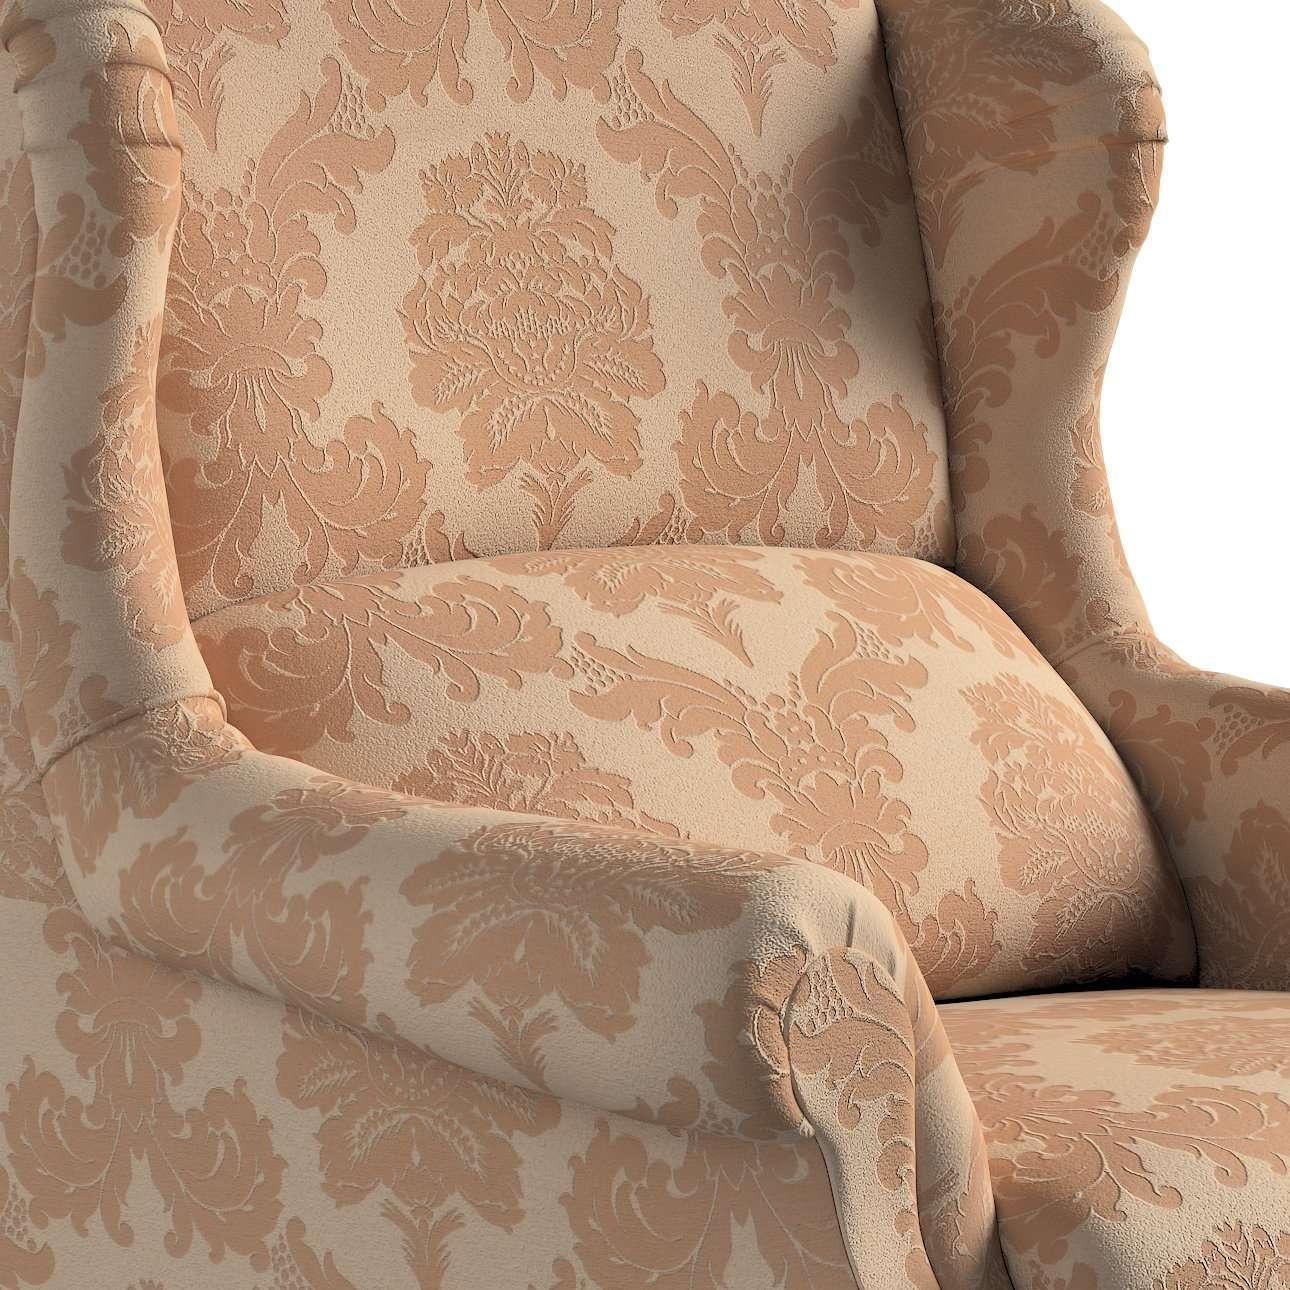 Sessel 63 x 115 cm von der Kollektion Damasco, Stoff: 613-04